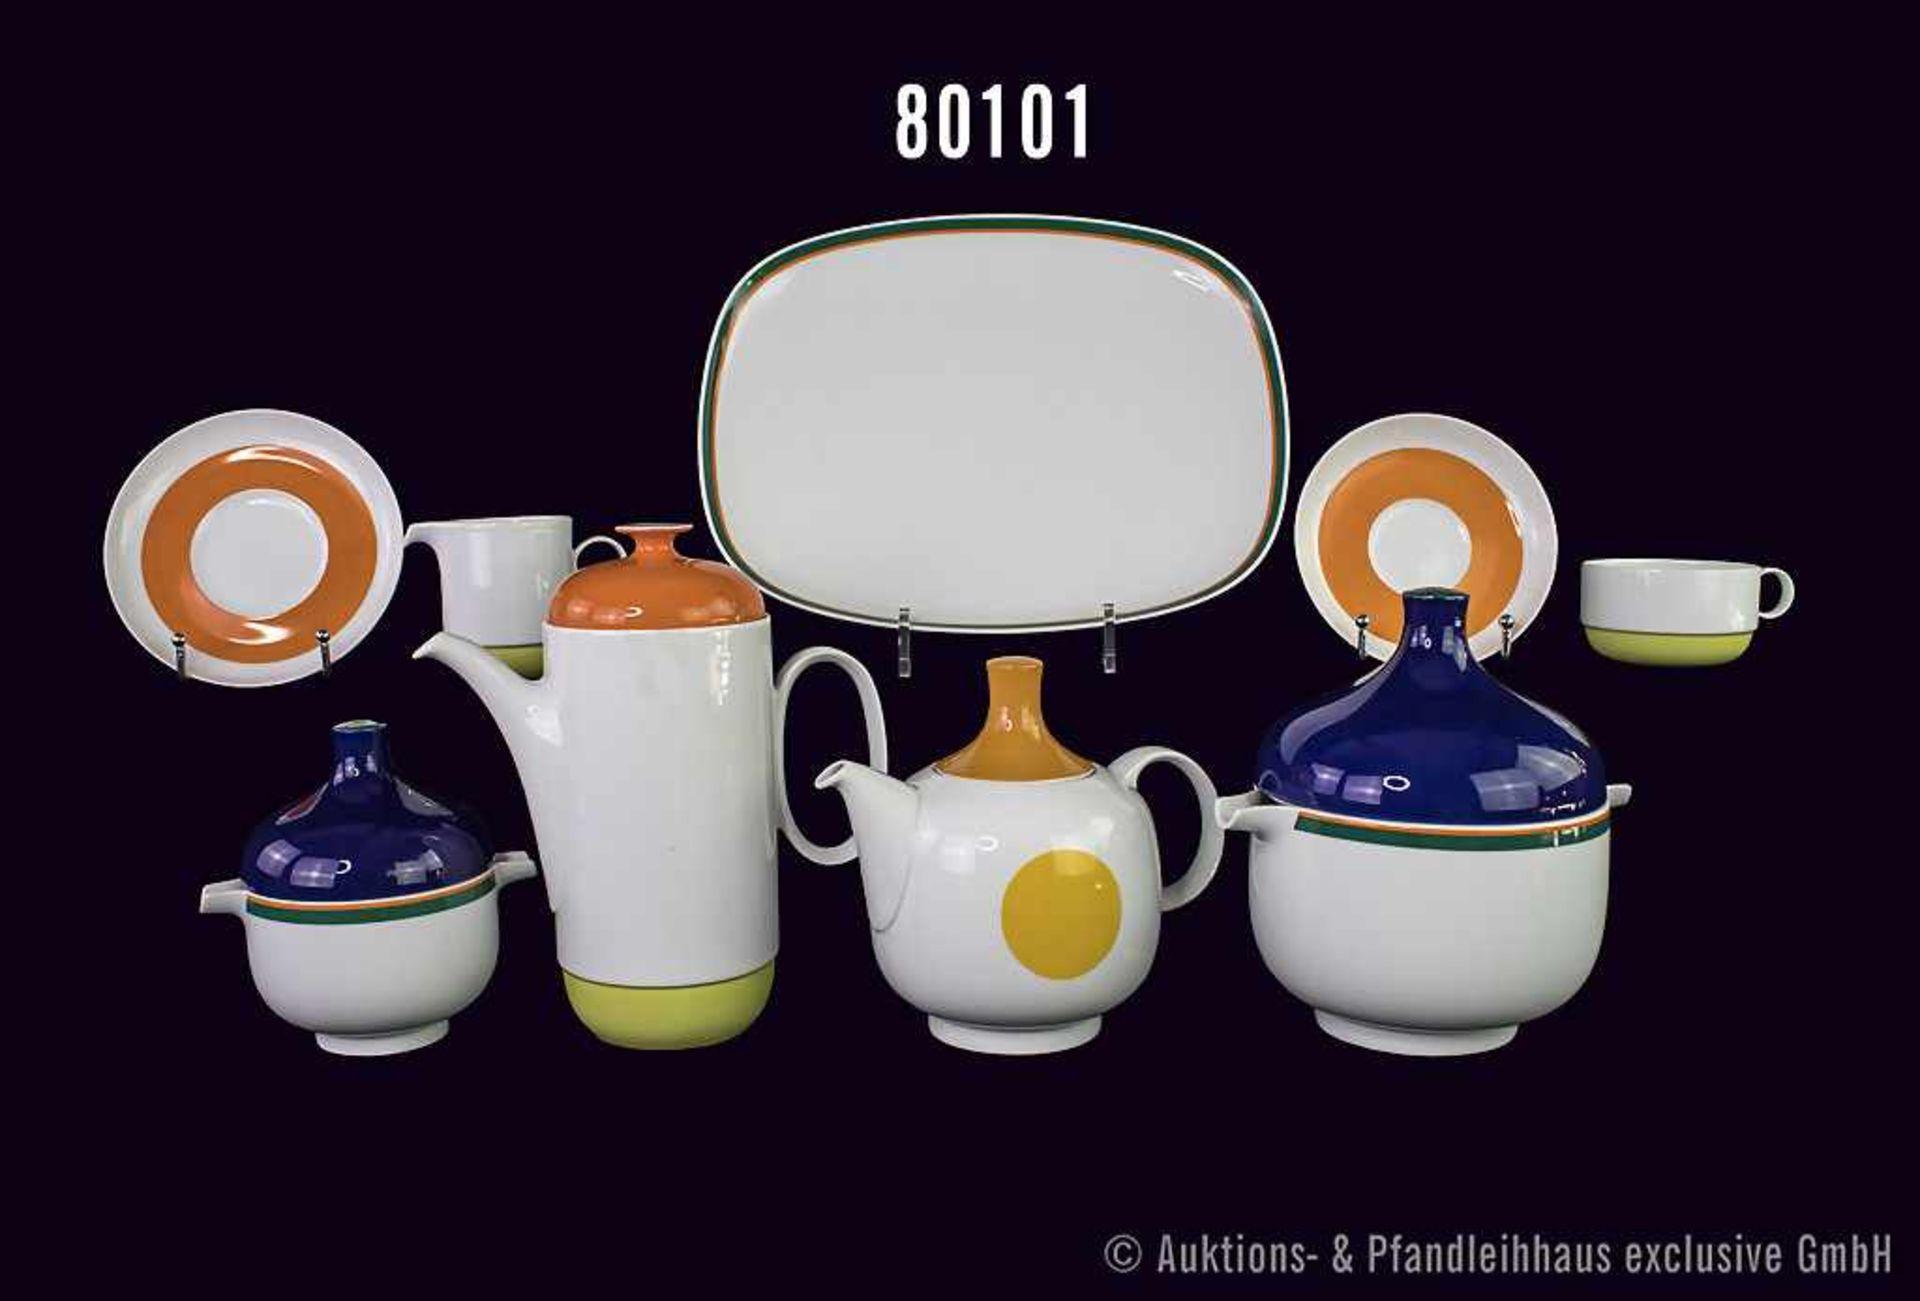 Konv. 14 Teile Rosenthal Porzellan, dabei 4 Teile studio-linie, Serie plus, weiß mit grünorangenem